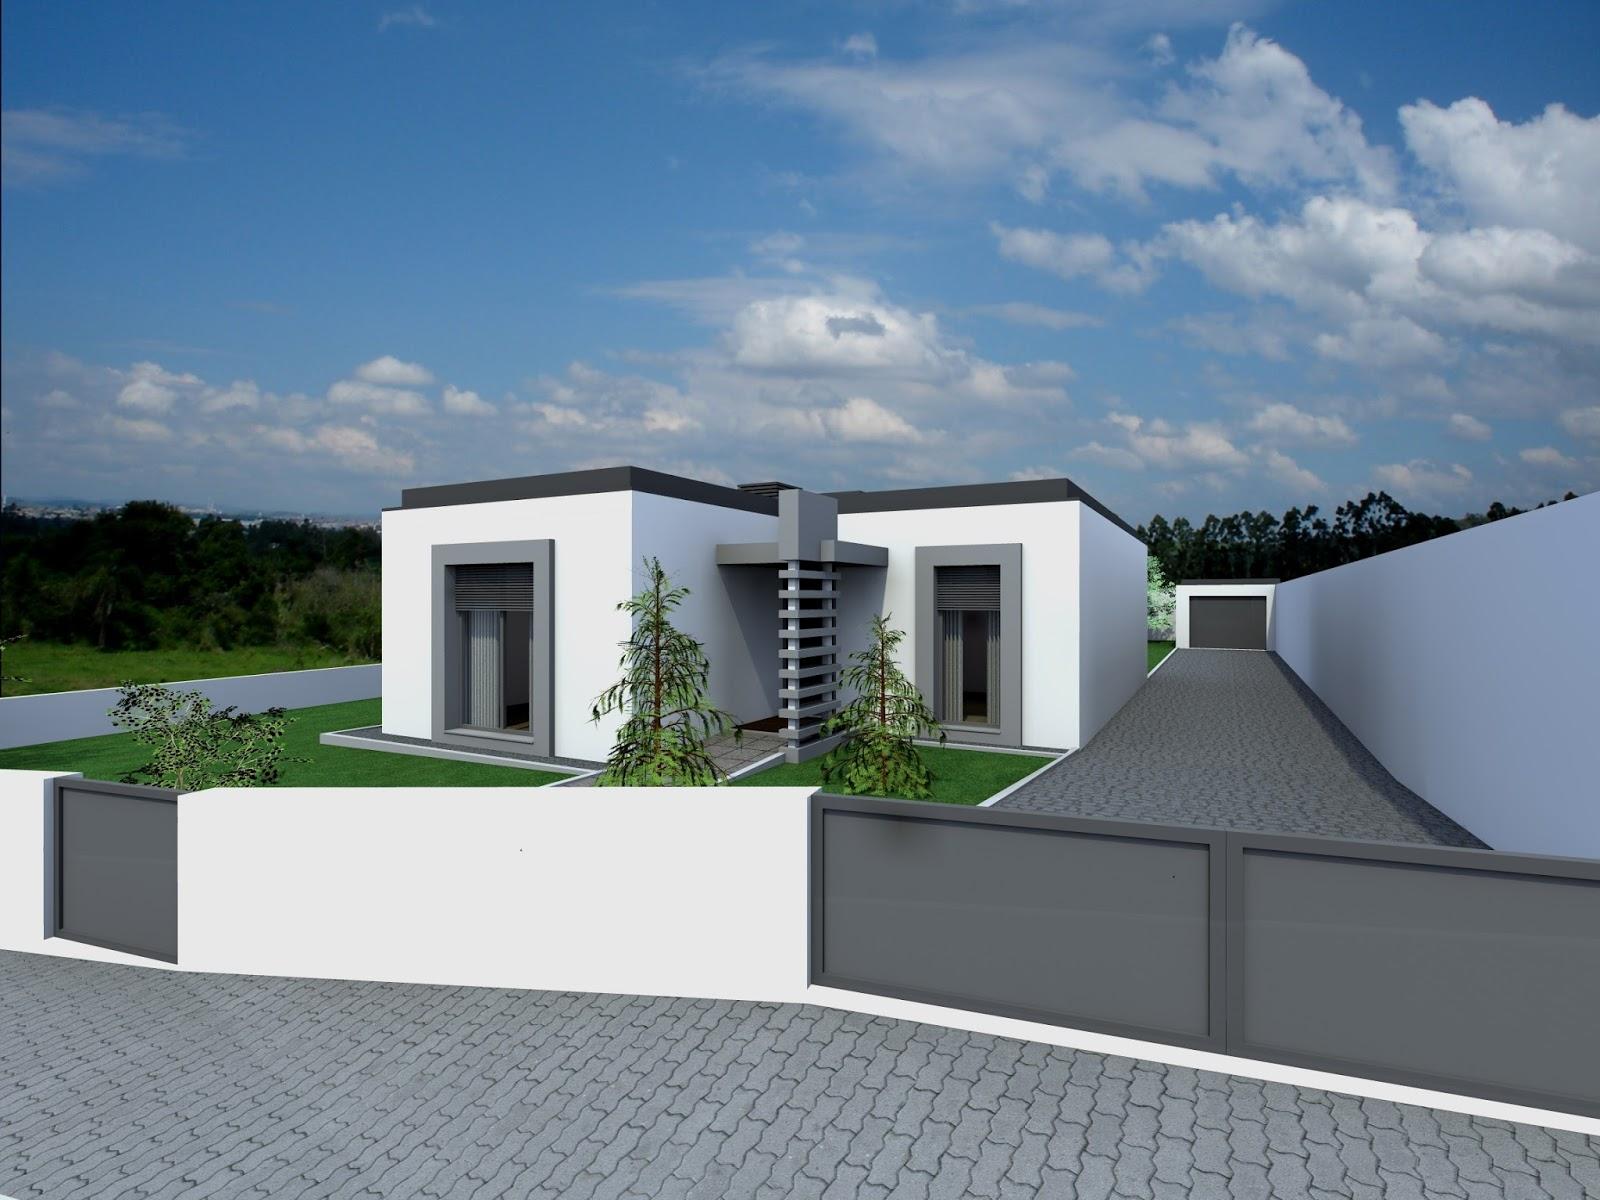 Casas modulares portugal ideas de disenos - Casas modulares portugal ...